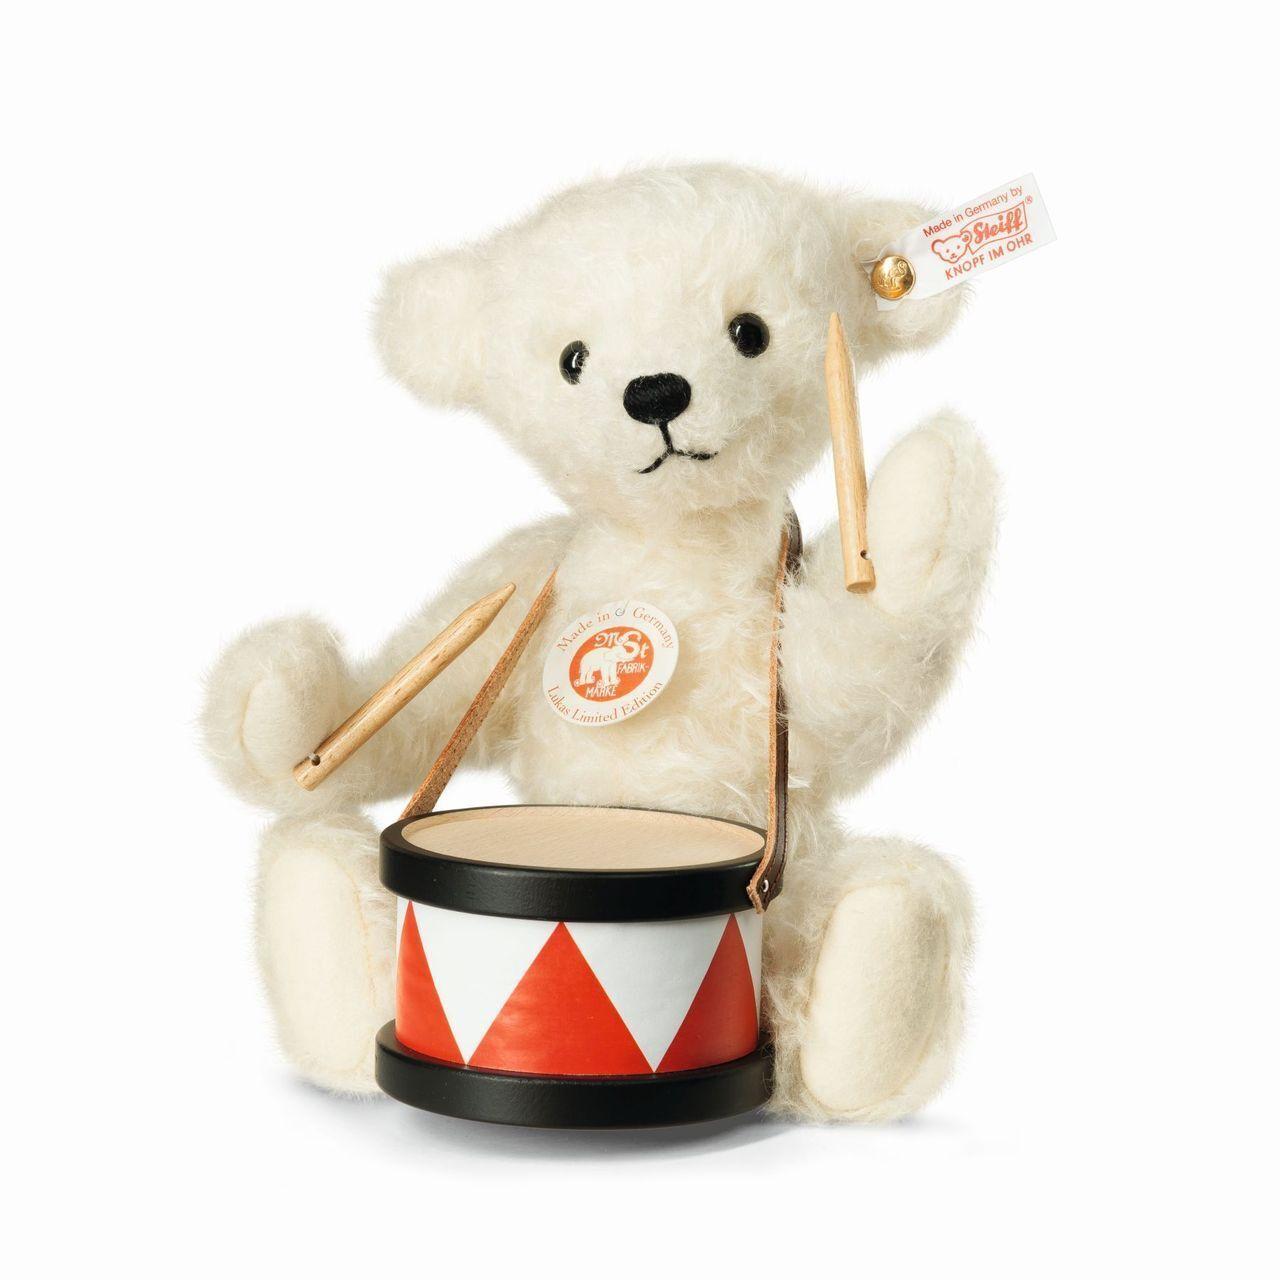 STEIFF  LUKAS TEDDY BEAR  EAN 034060 bianca MOHAIR BEAR WITH DRUM